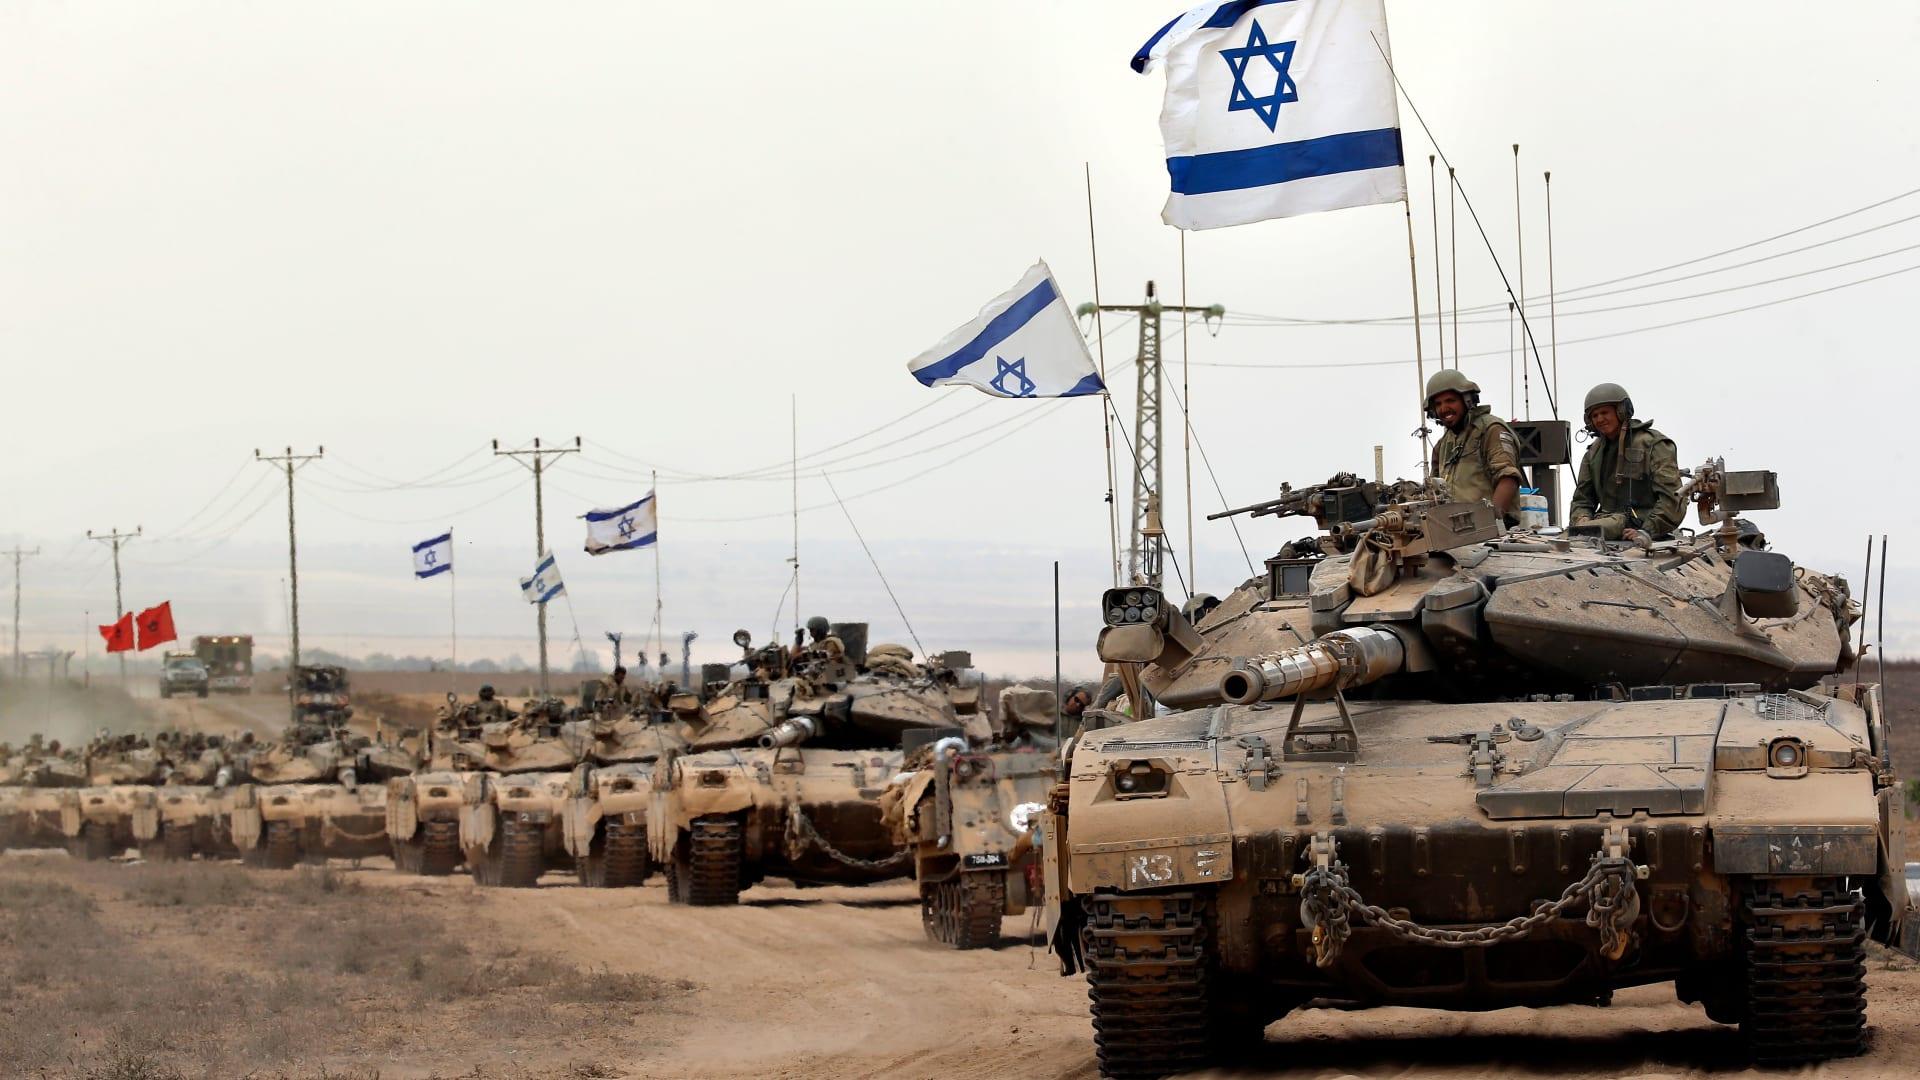 آثار القذائف الإسرائيلية بعد عملية حزب الله في أفيميم